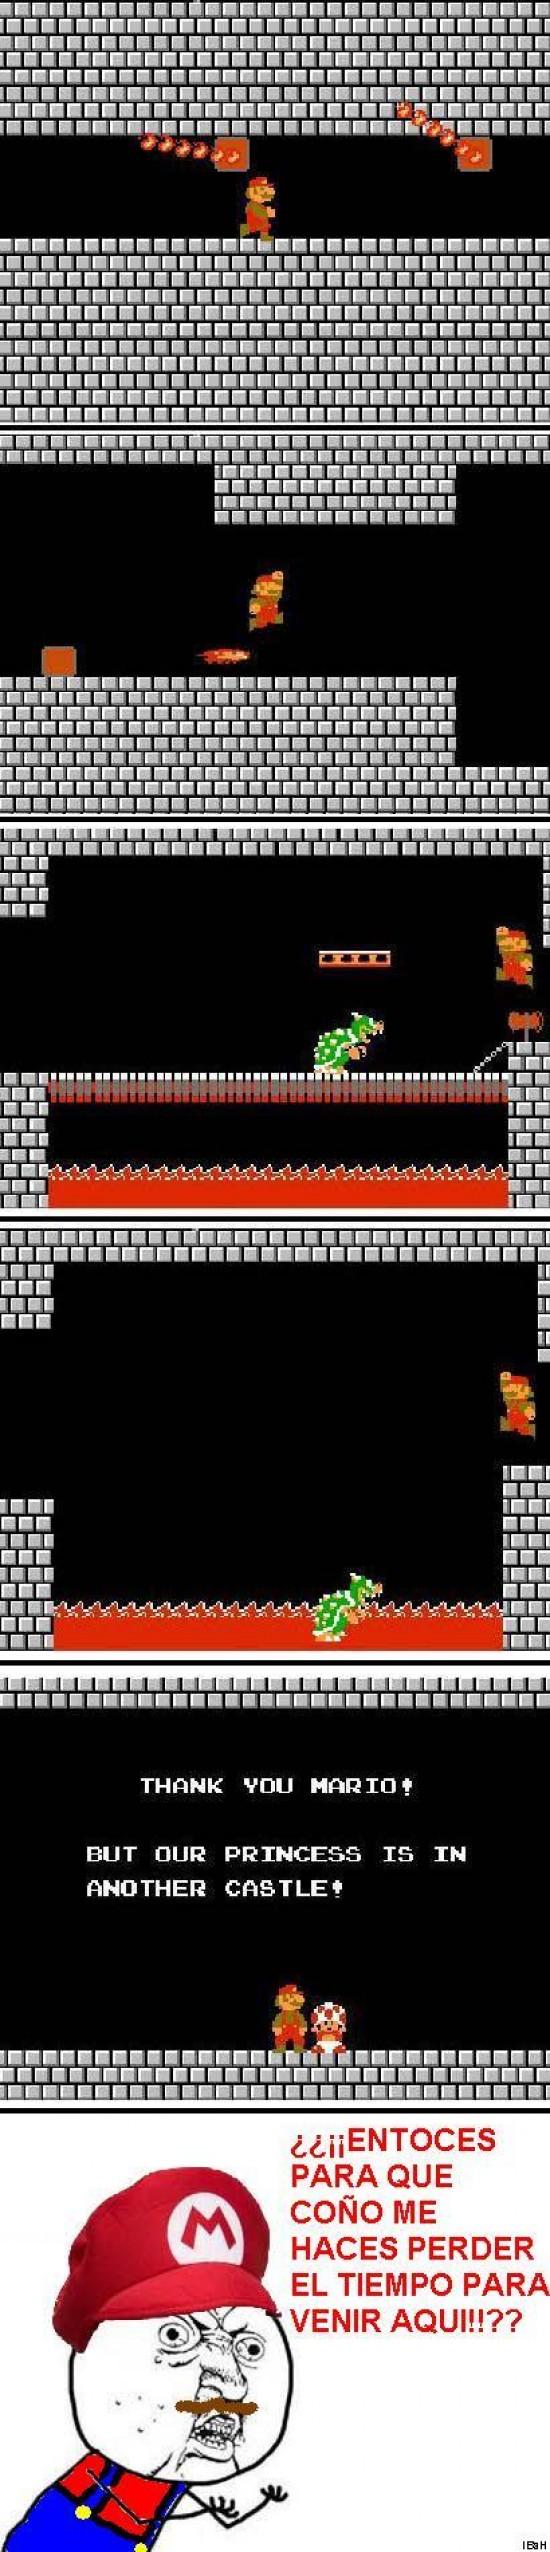 Y_u_no - Mario in the castle